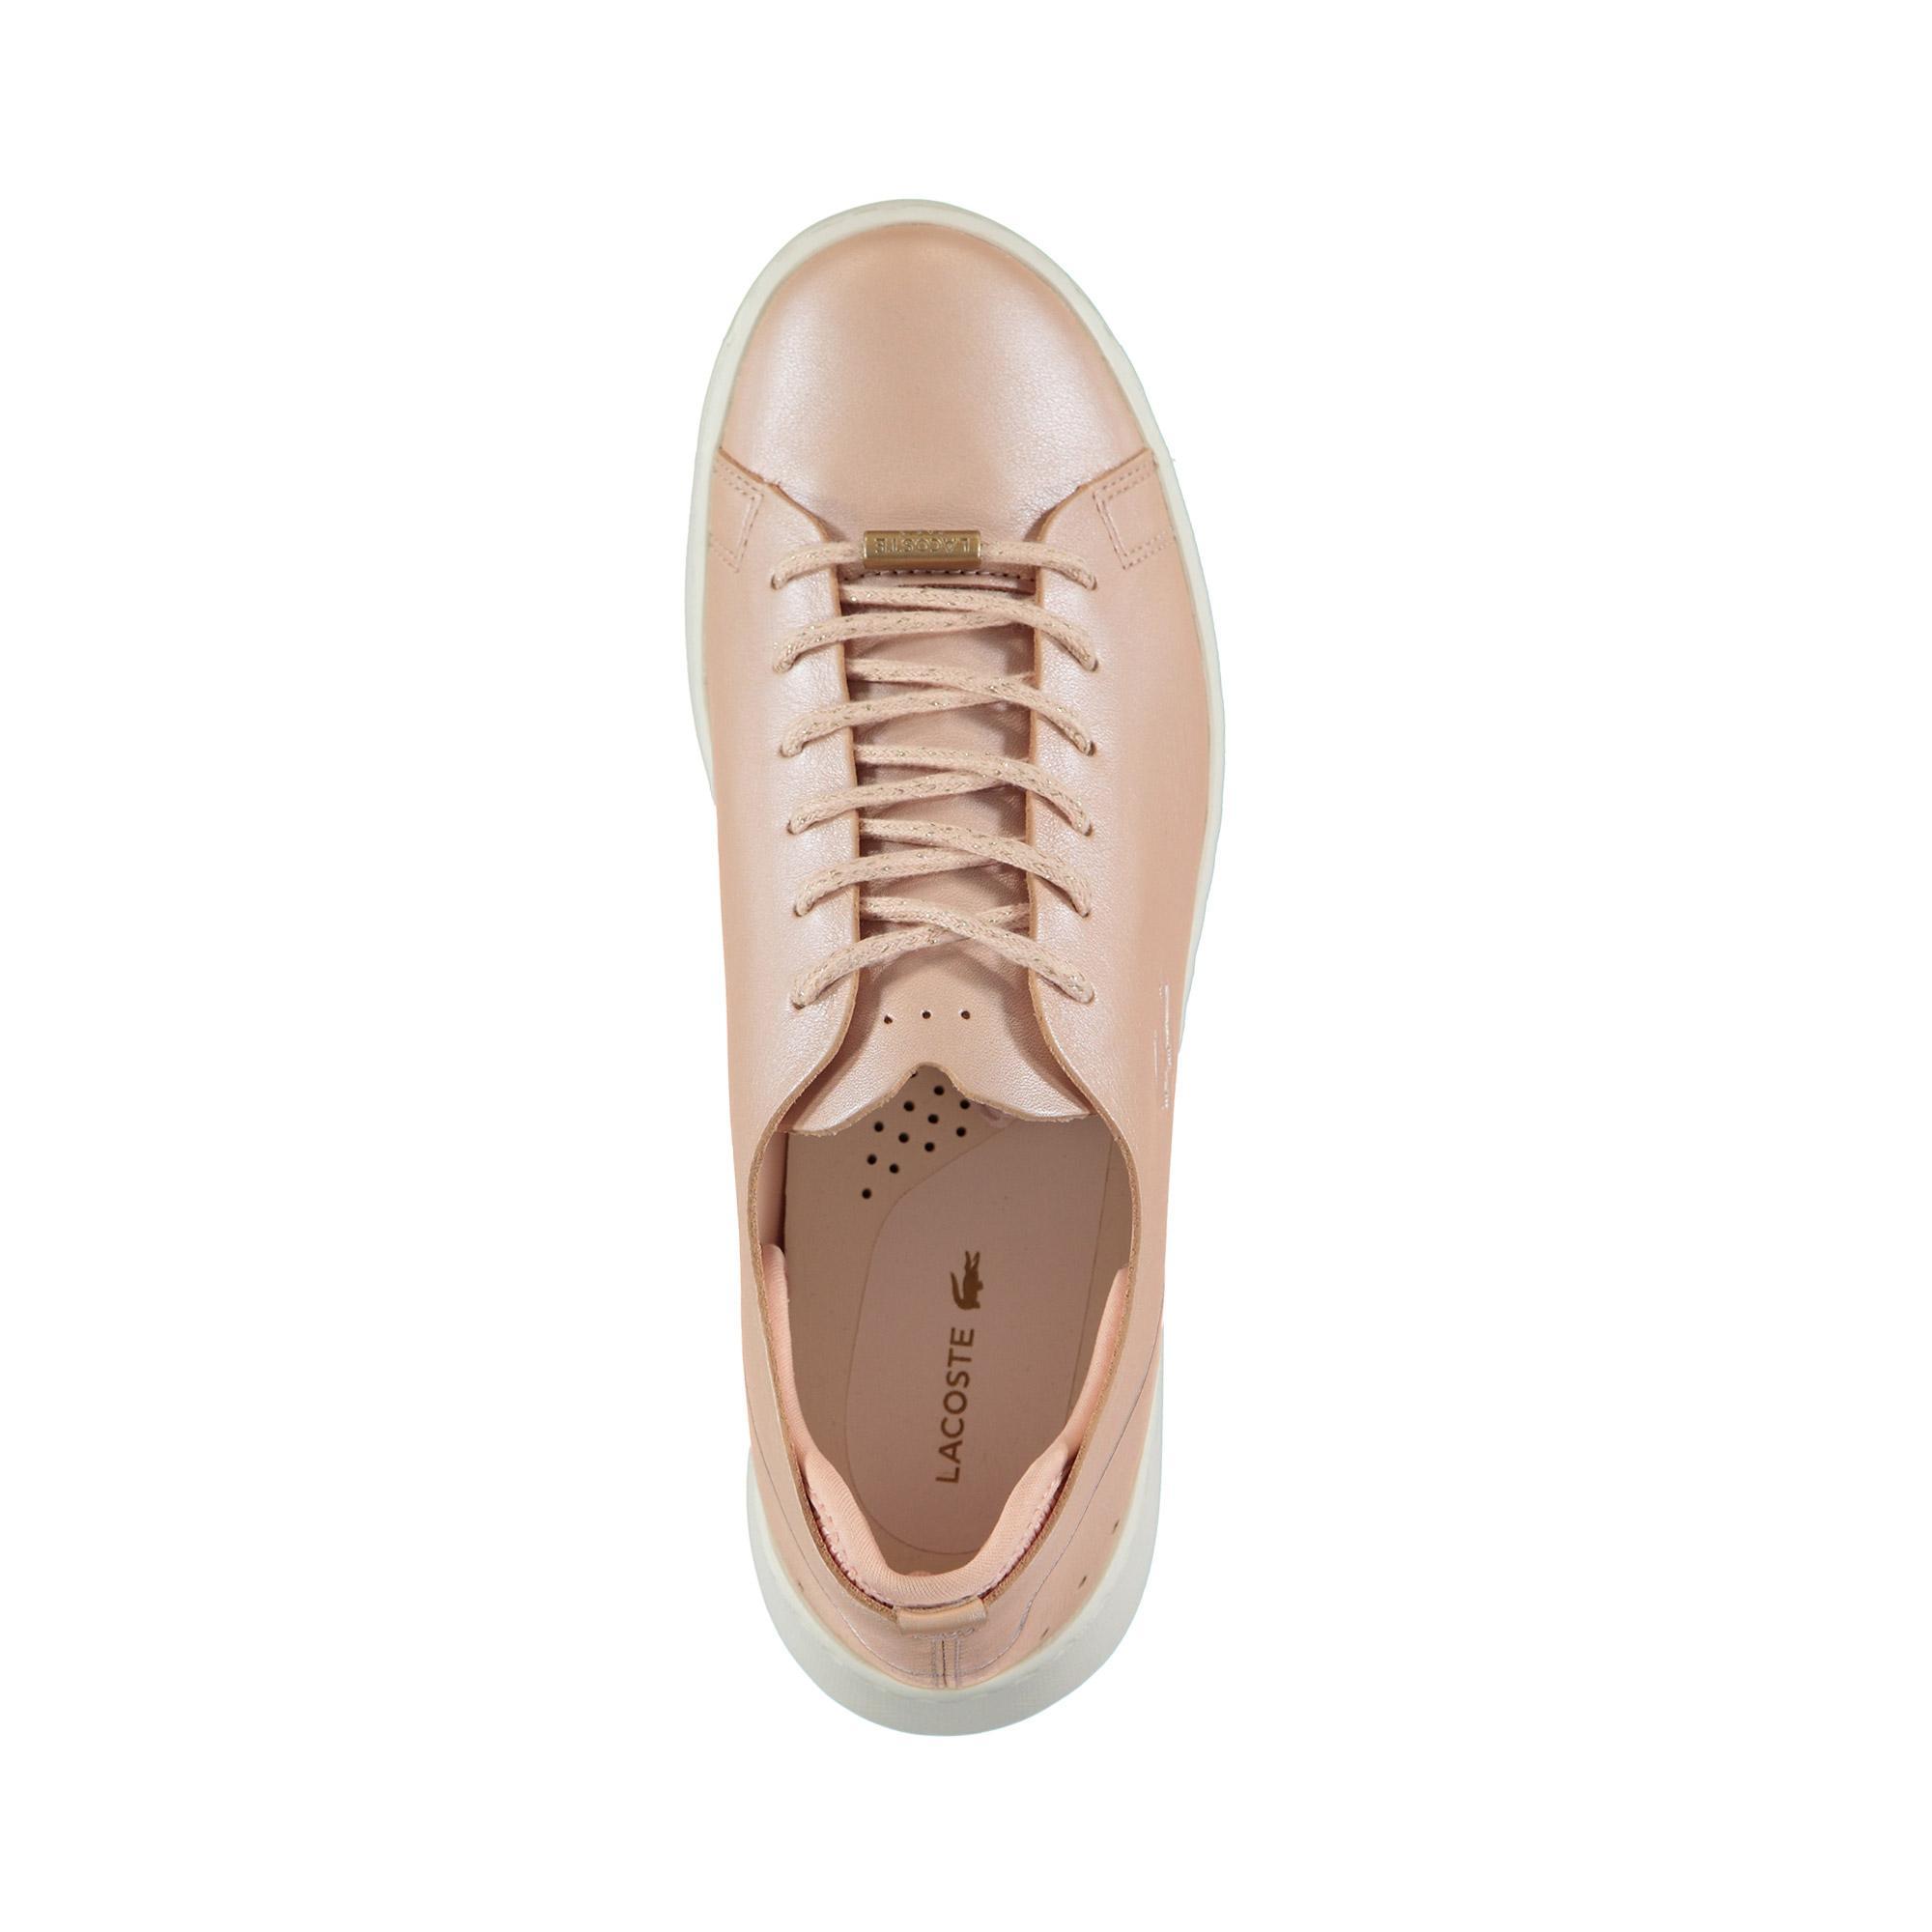 Lacoste Kadın Açık Pembe - Bej Eyyla 119 1 Casual Ayakkabı